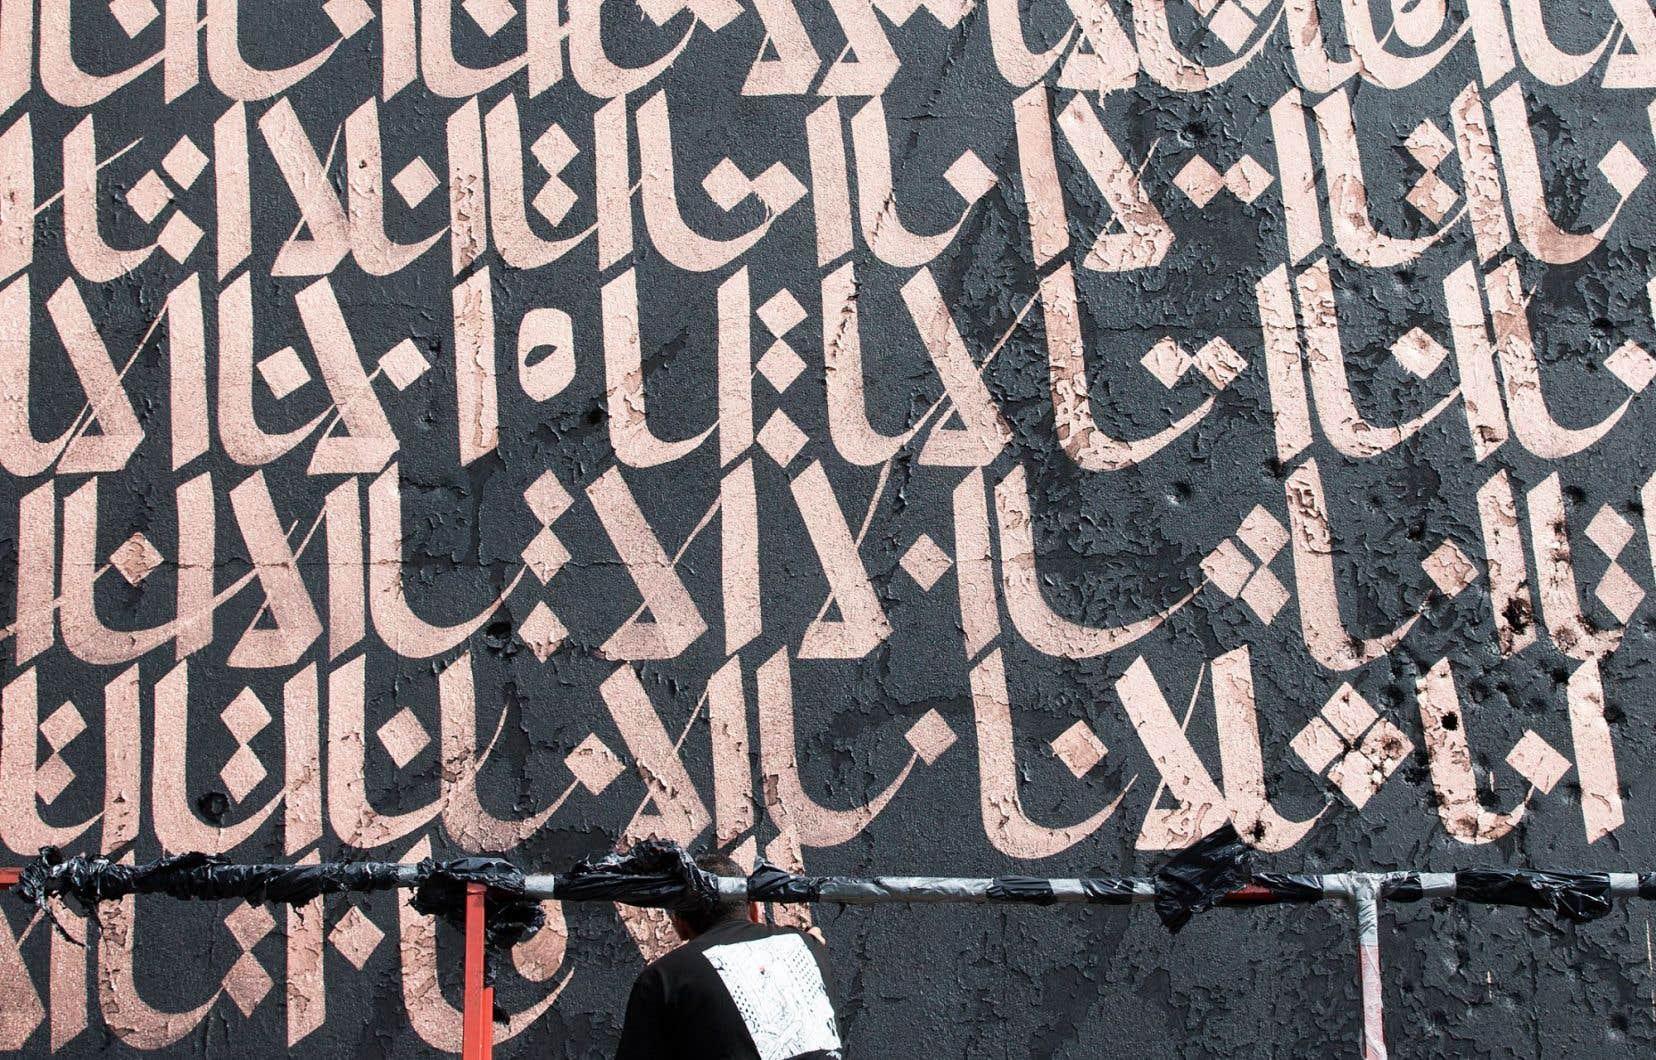 L'artiste Karim Jabbari trace les lettres en kufi classique, l'une des plus anciennes formes d'écriture de cette langue. Elles formeront un motif précis qui évoquera l'unité.